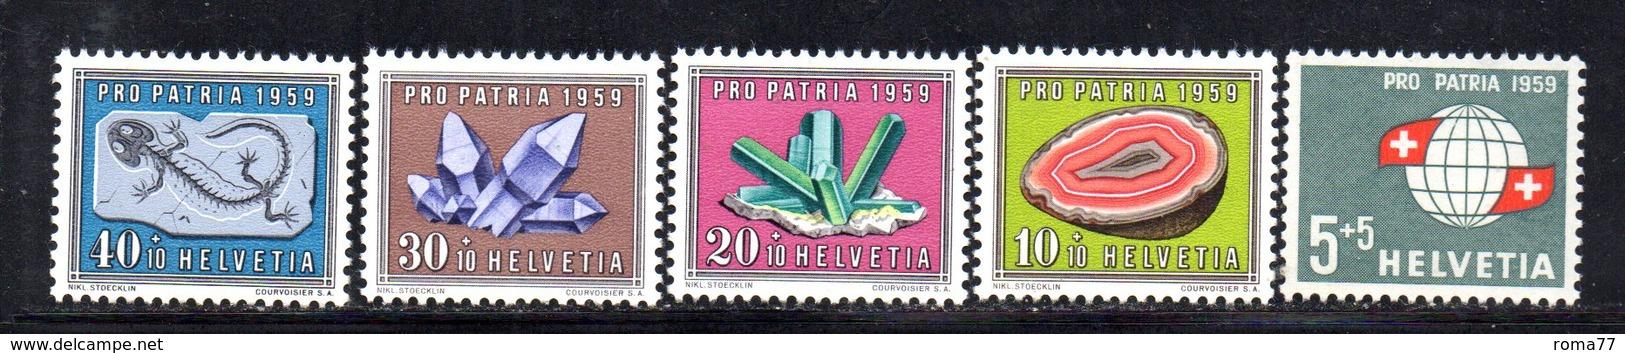 306/1500 - SVIZZERA 1959 , Unificato N. 625/629  ***  MNH  Pro Patria - Pro Patria